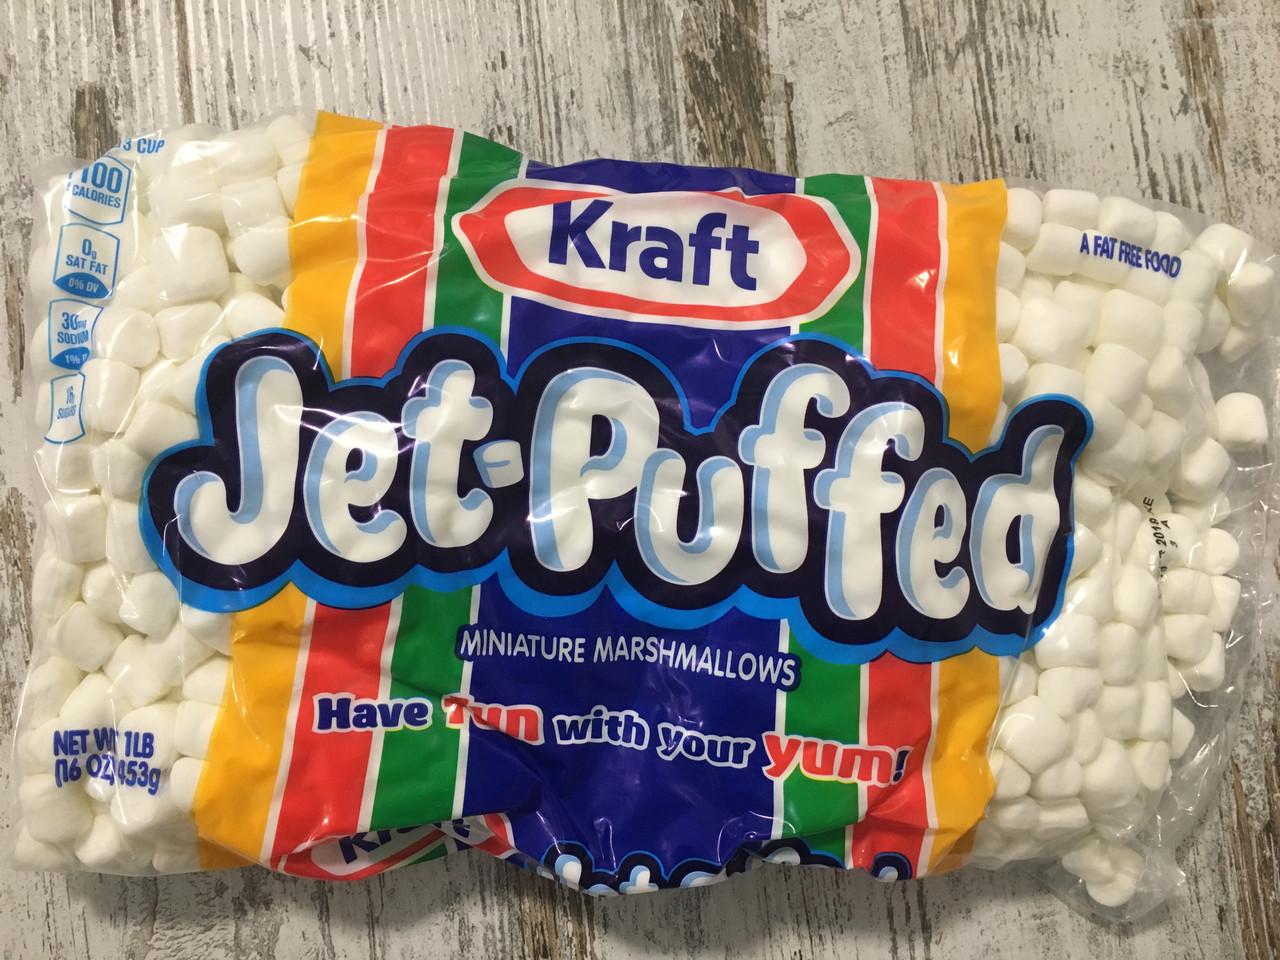 Marshmallow конфеты-зефиринки в ваш любимый кофе, 454 грамма